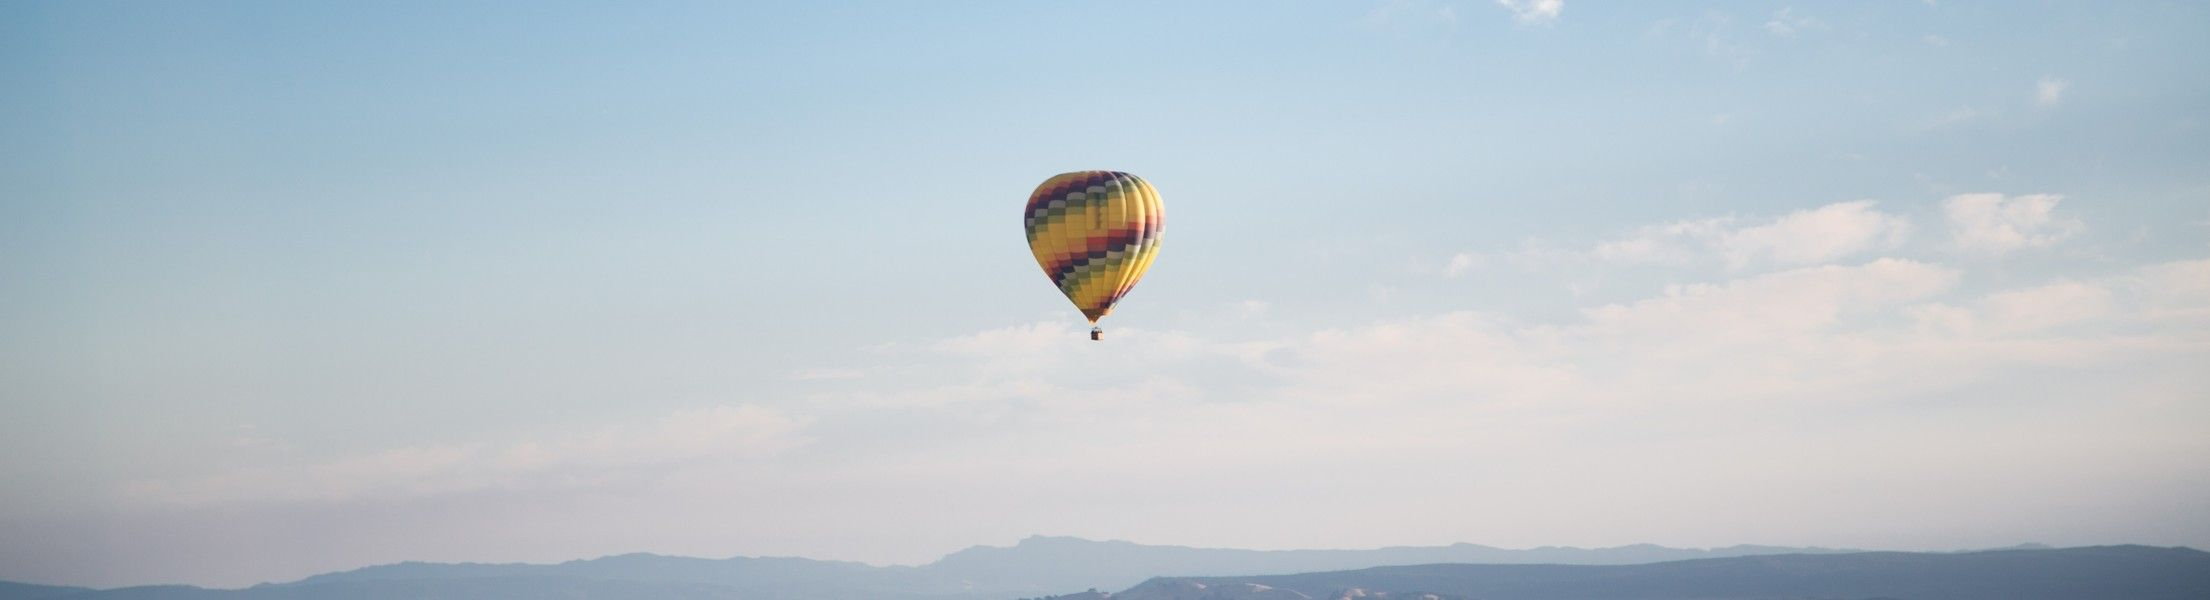 Heißluftballon in der Lut bei blauem Himmel